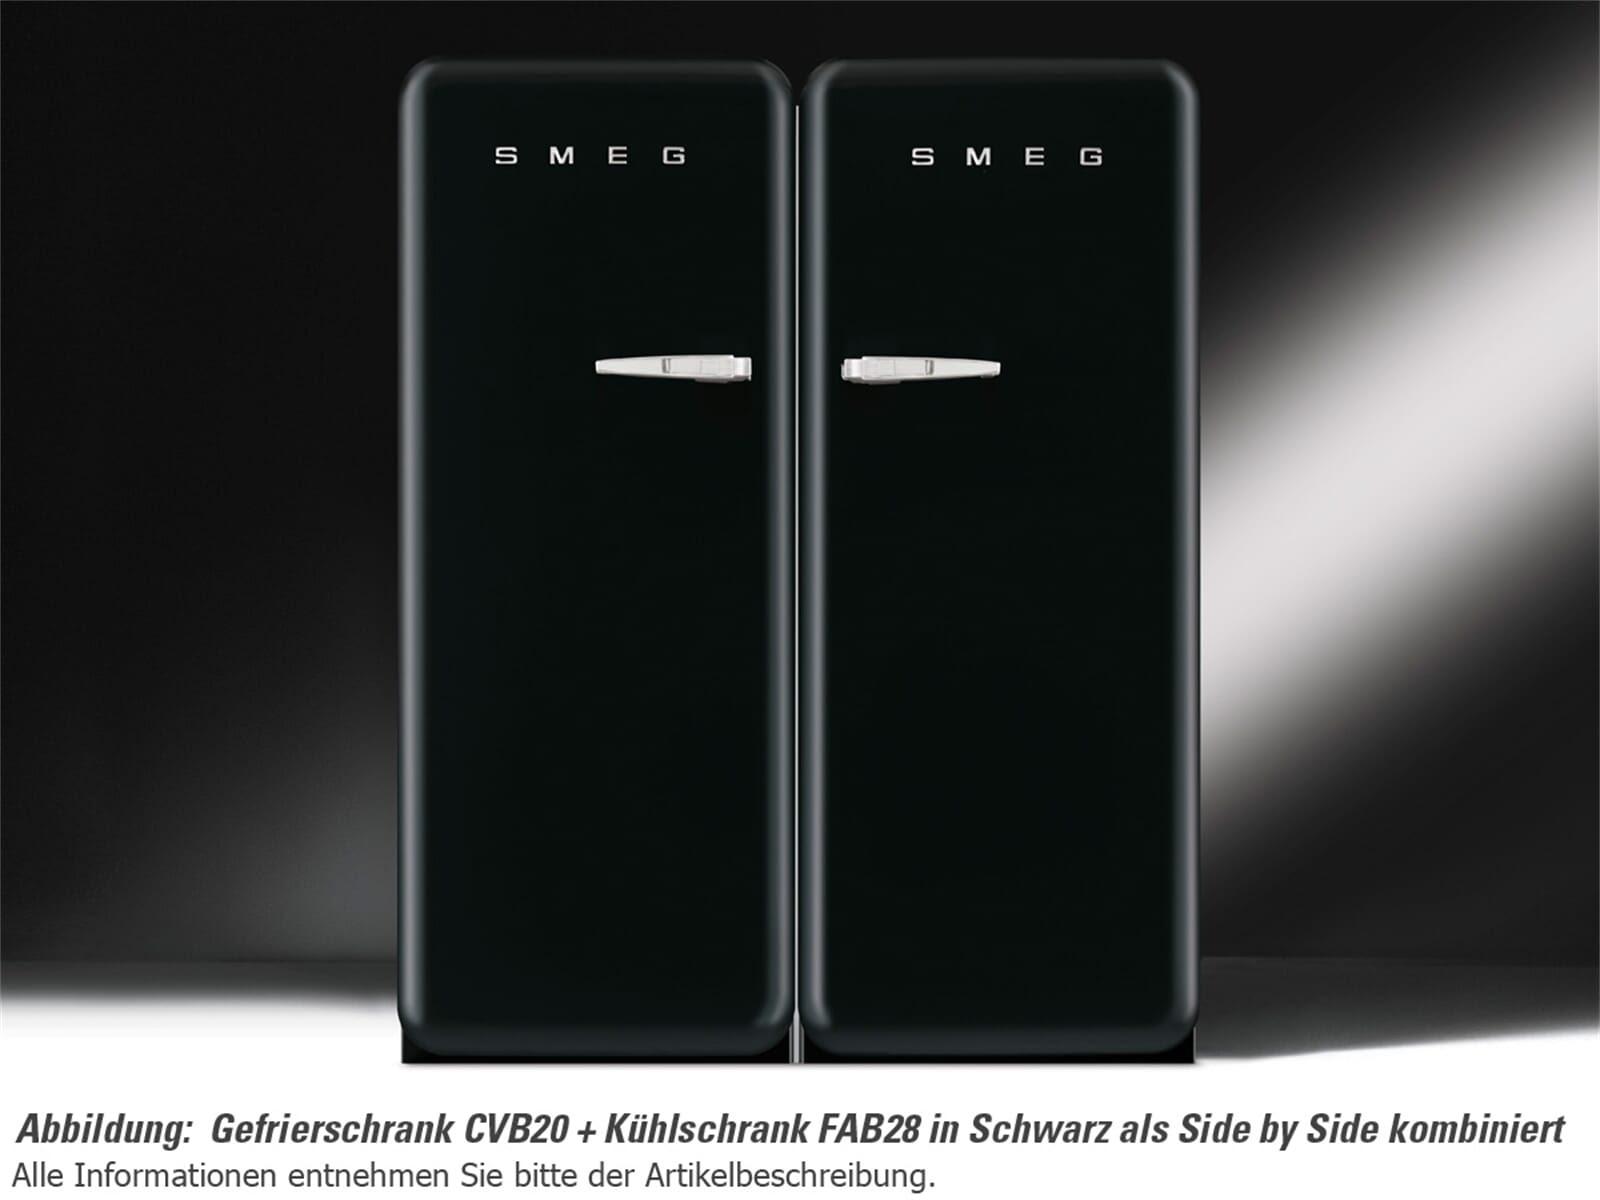 Smeg Kühlschrank Schwarz Matt : Retro kühlschrank smeg schwarz edna r gray